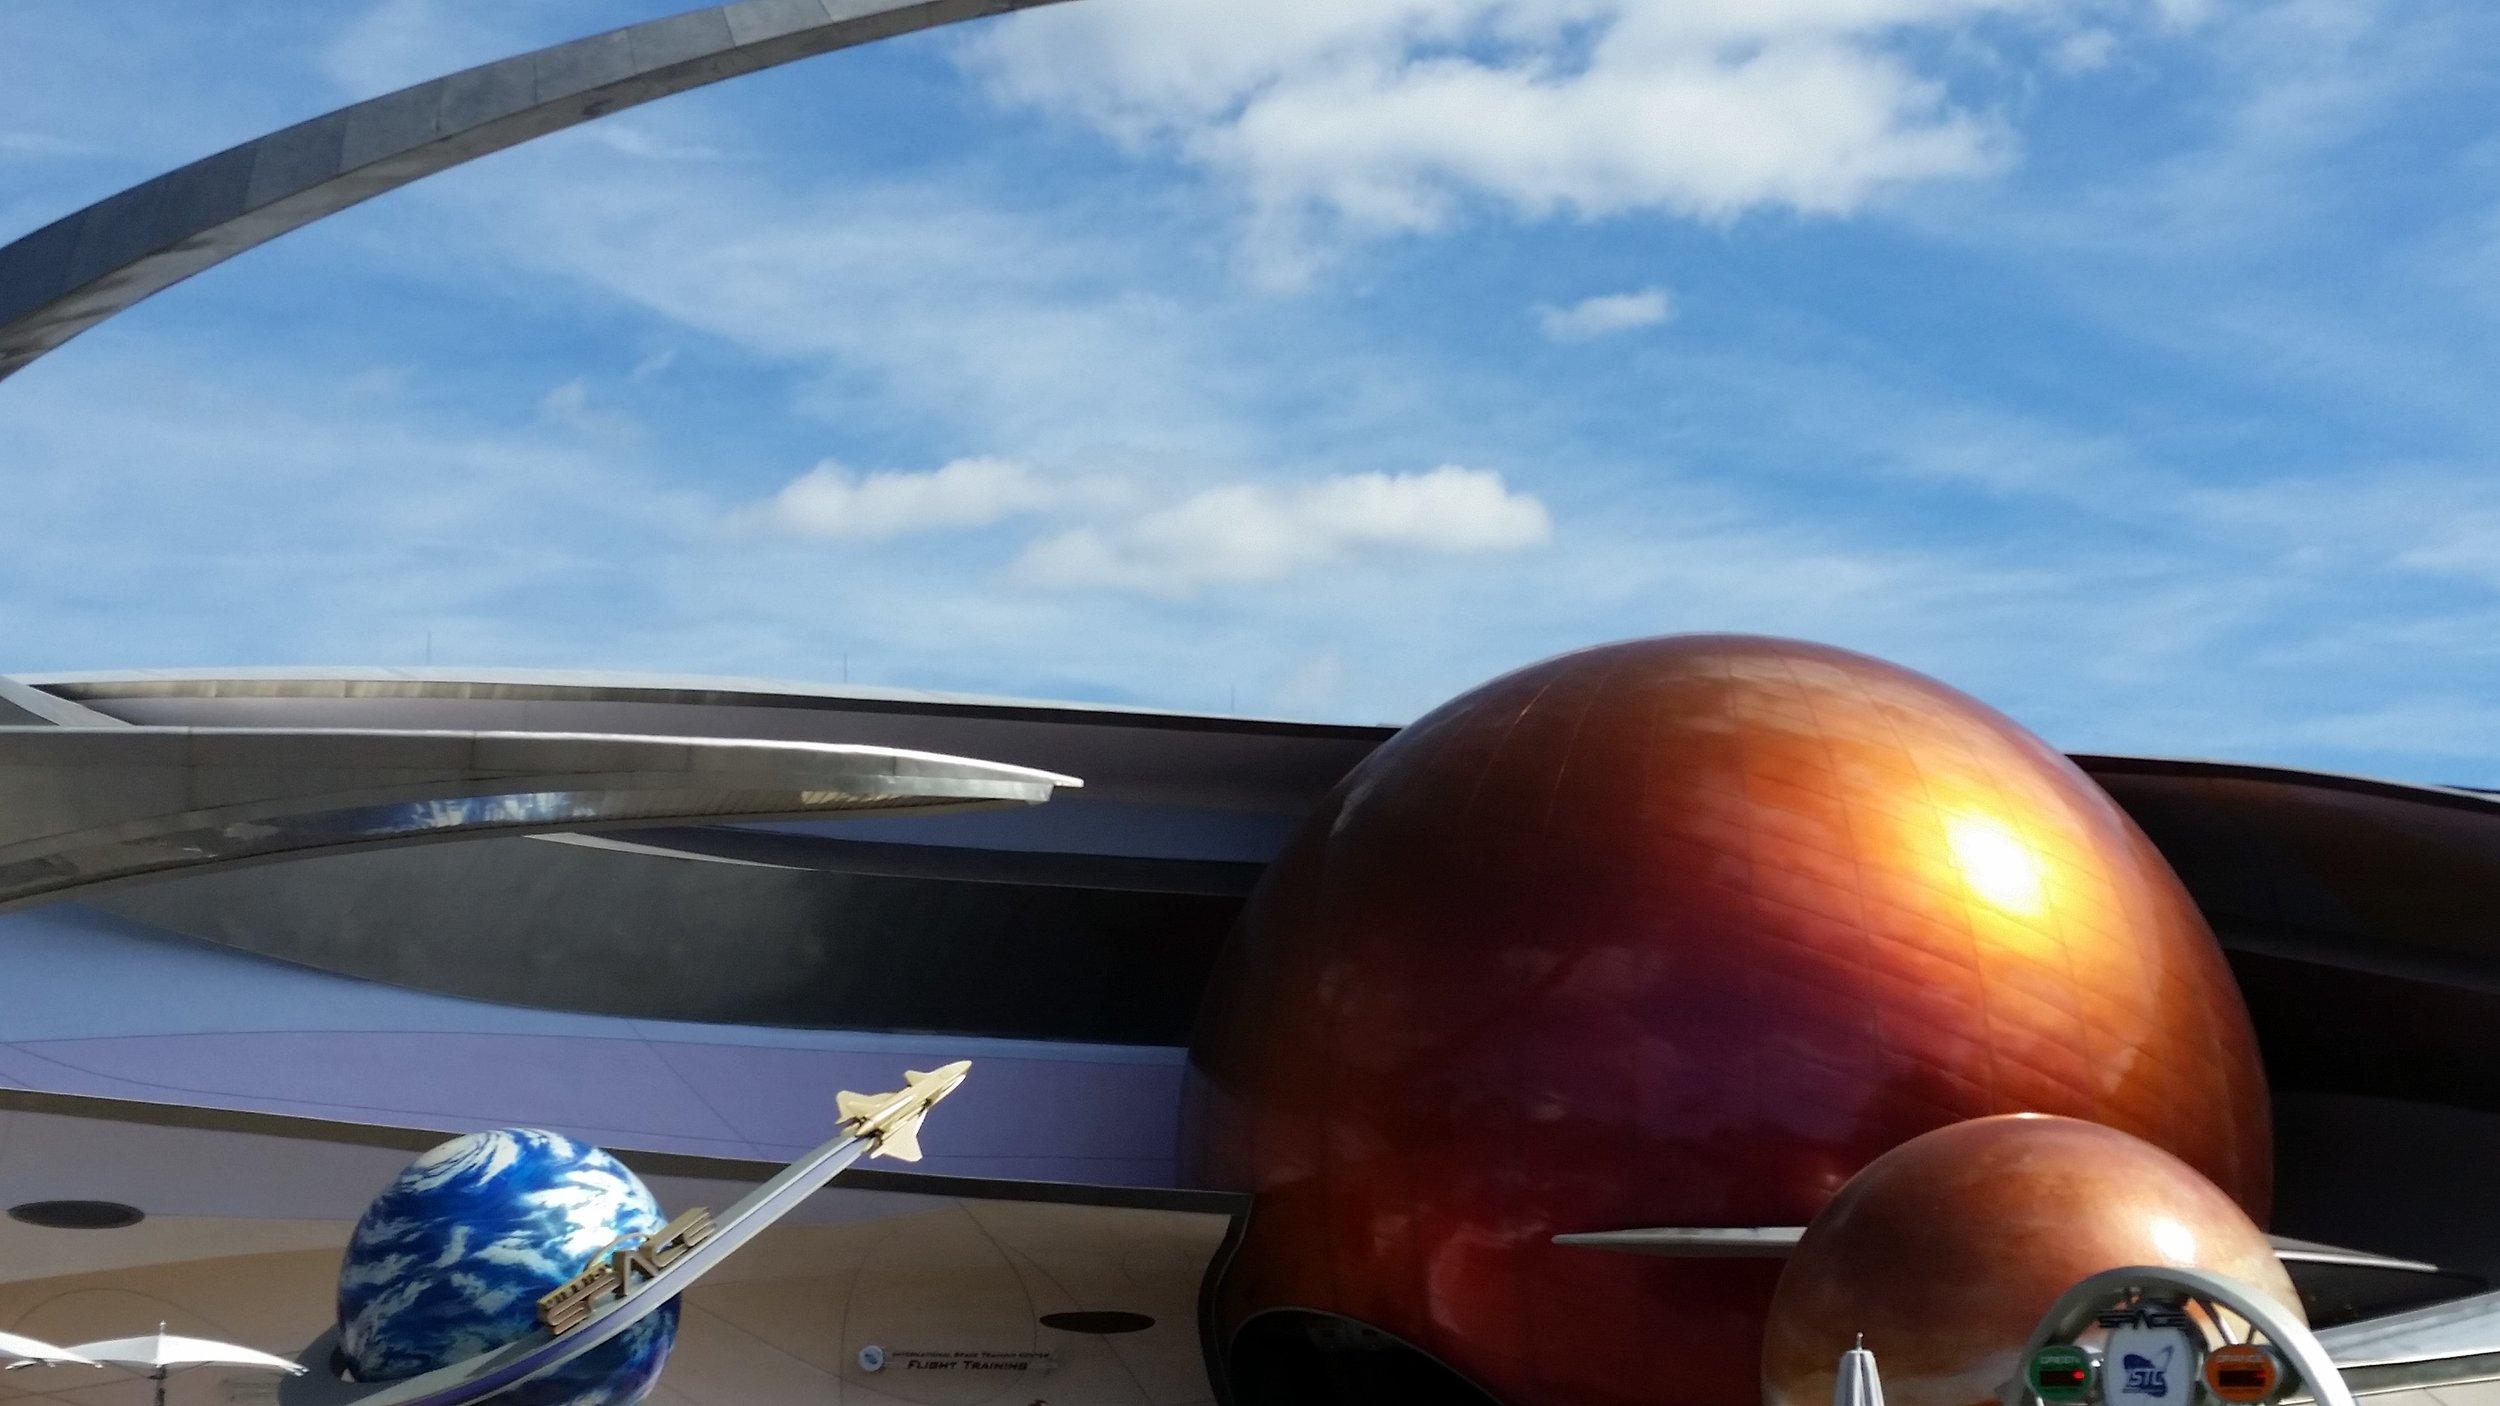 Mission: Space, Future World, Epcot